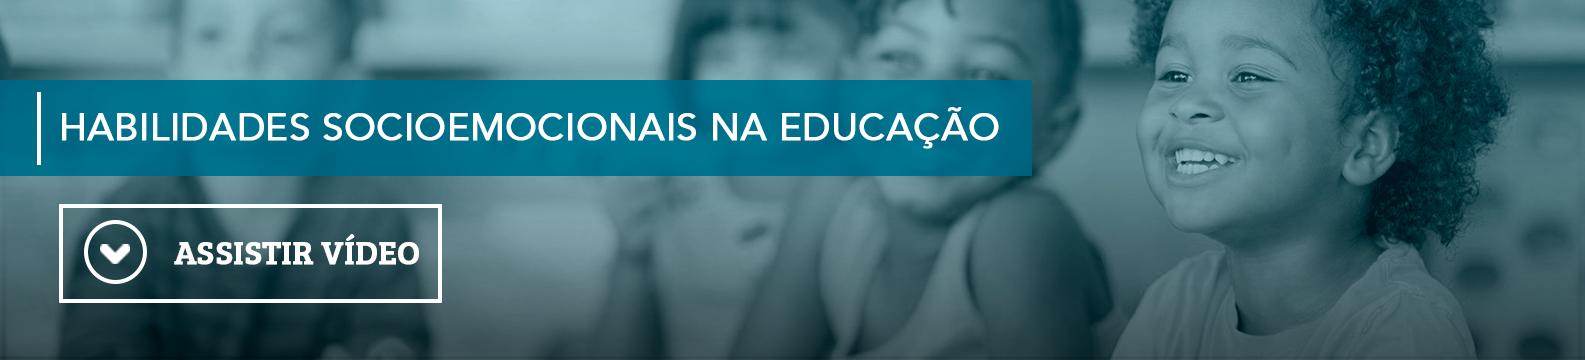 Habilidades Socioemocionais na Educação